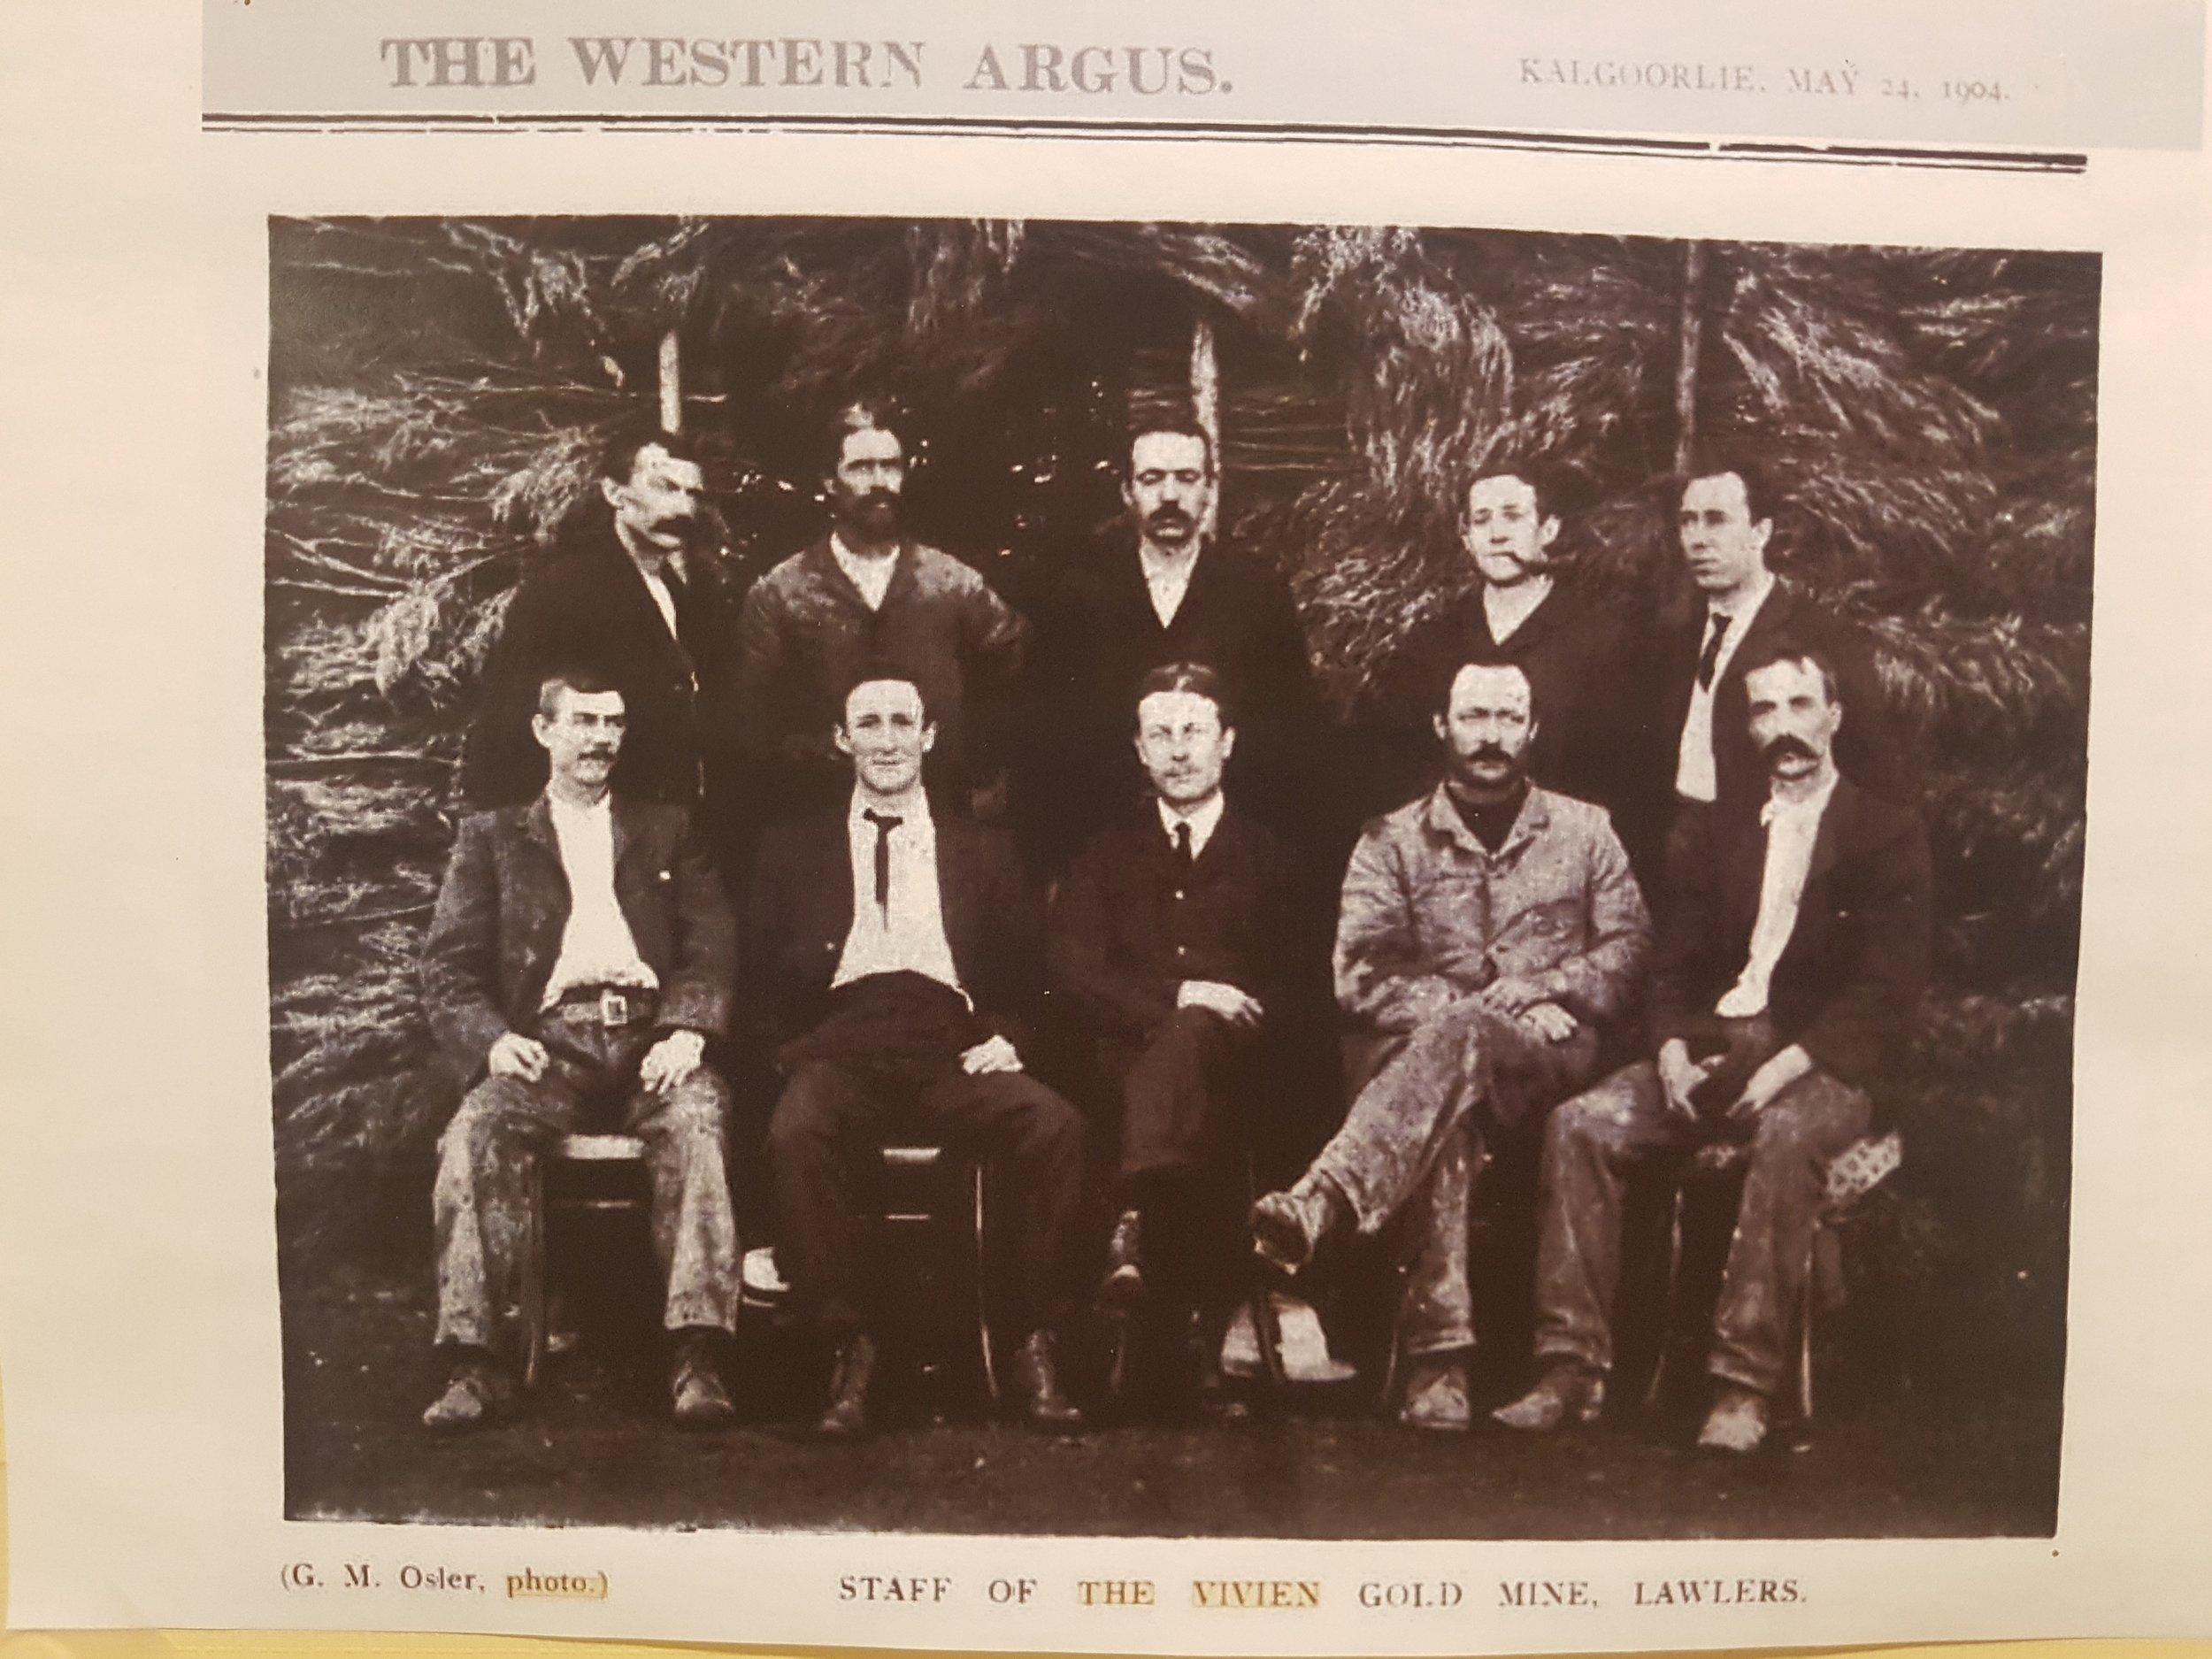 Staff at Vivien Gold Mine in 1904